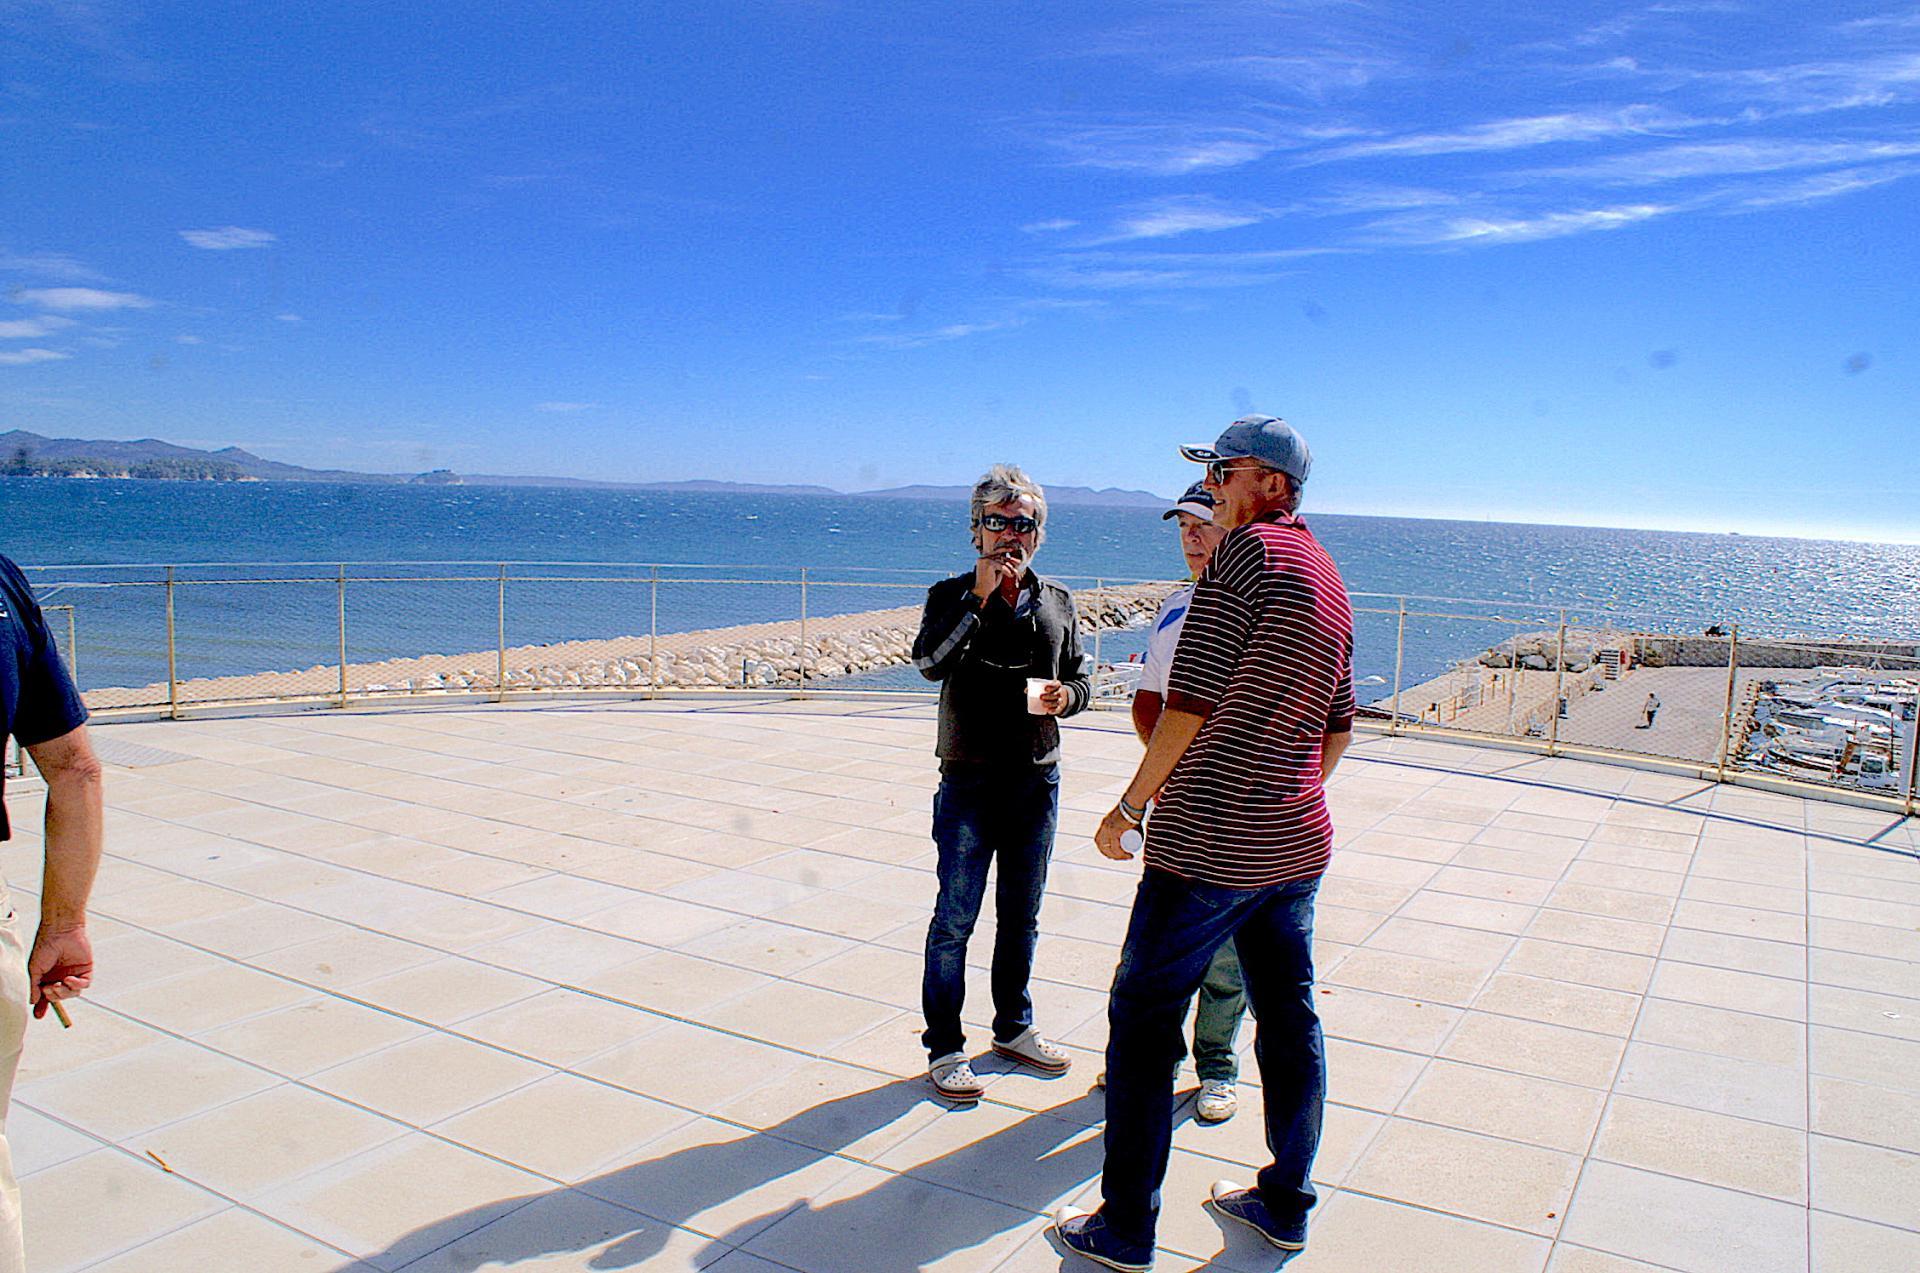 1 - Au début la terrasse est bien dégagée et la vue magnifique jpg